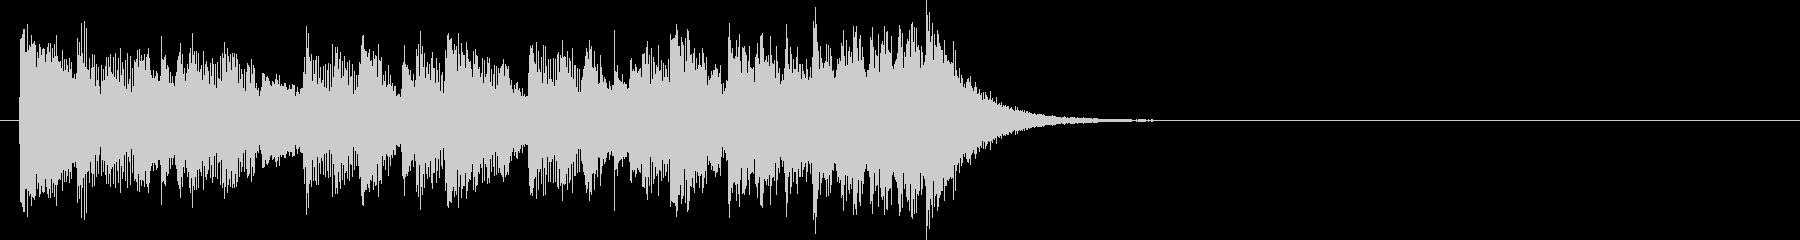 ジングル(ポップス・タイプ)の未再生の波形